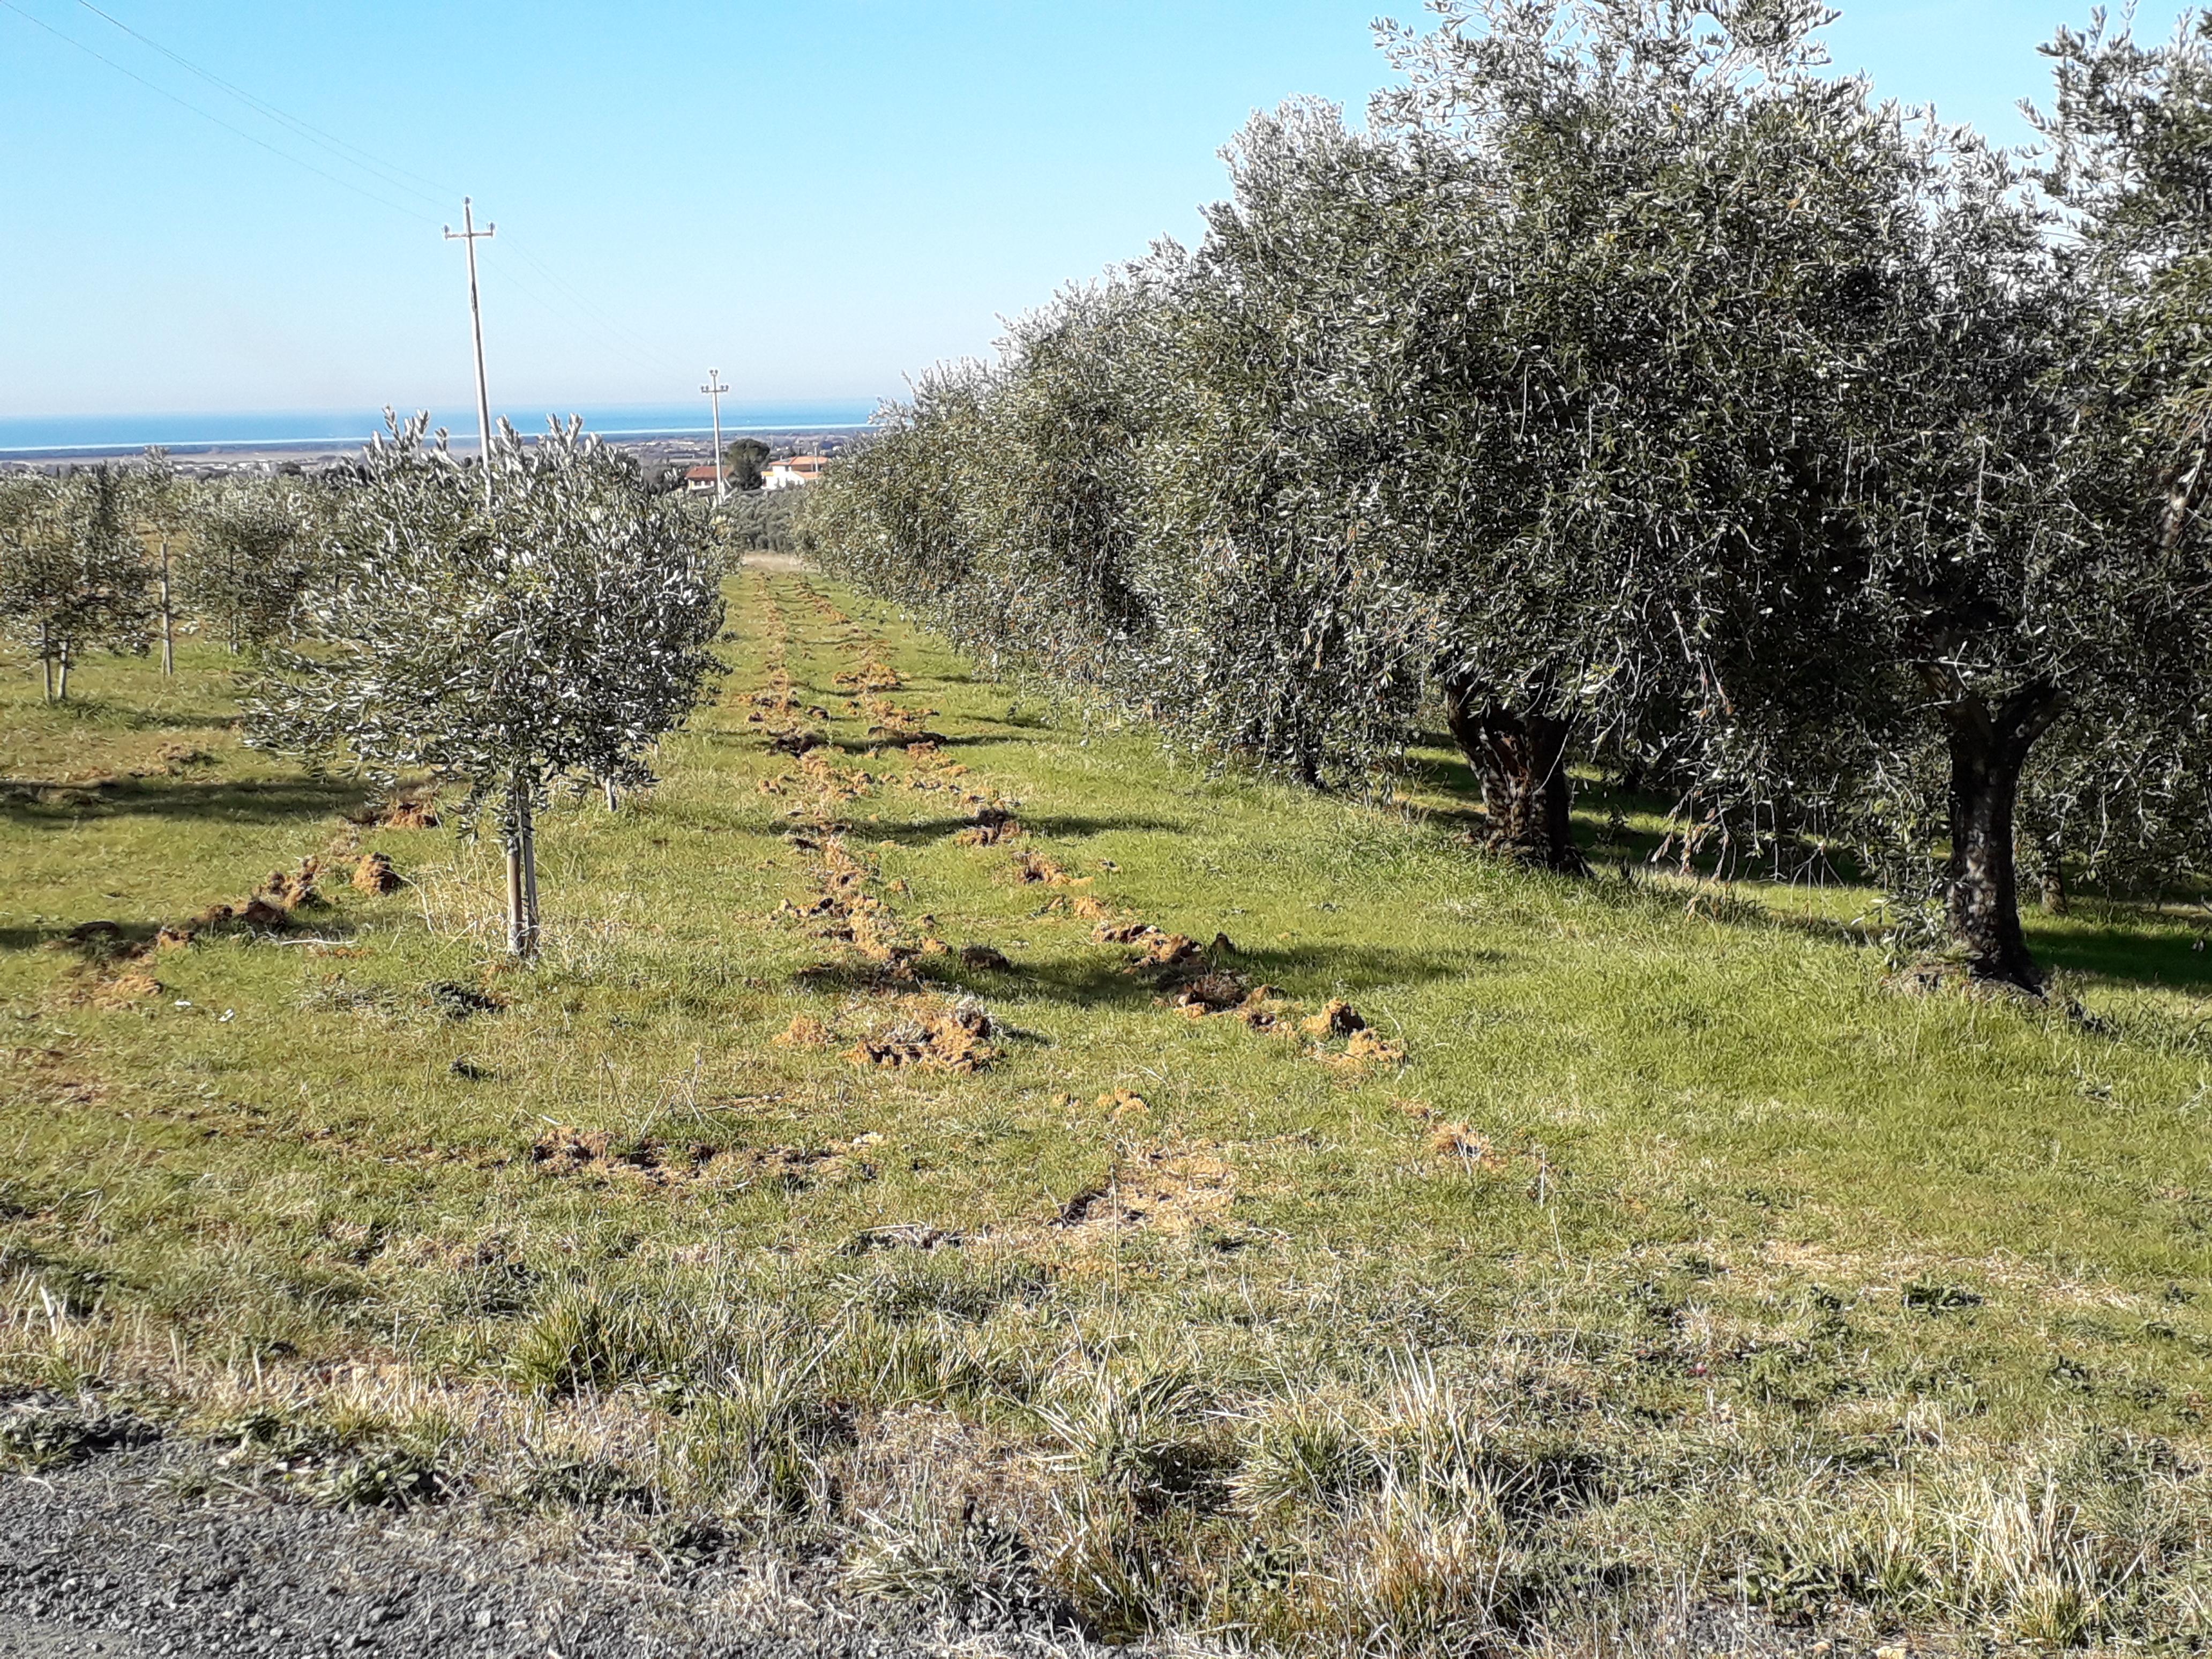 Podere Fornelli, Casale Marittimo, Toscana - Vendita Olio e prodotti naturali